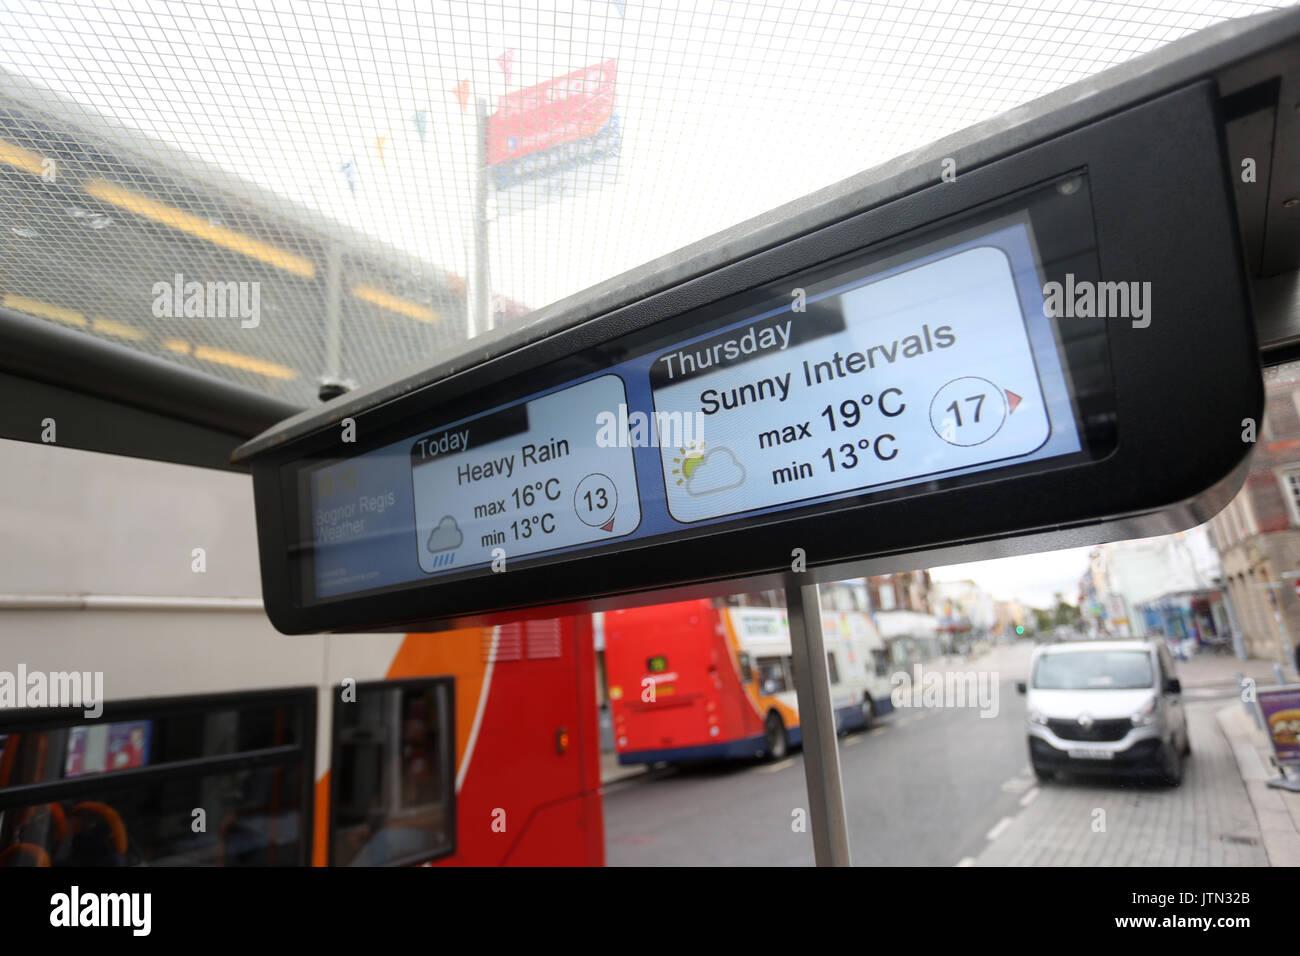 Bus Stop In Bognor Regis West Sussex UK